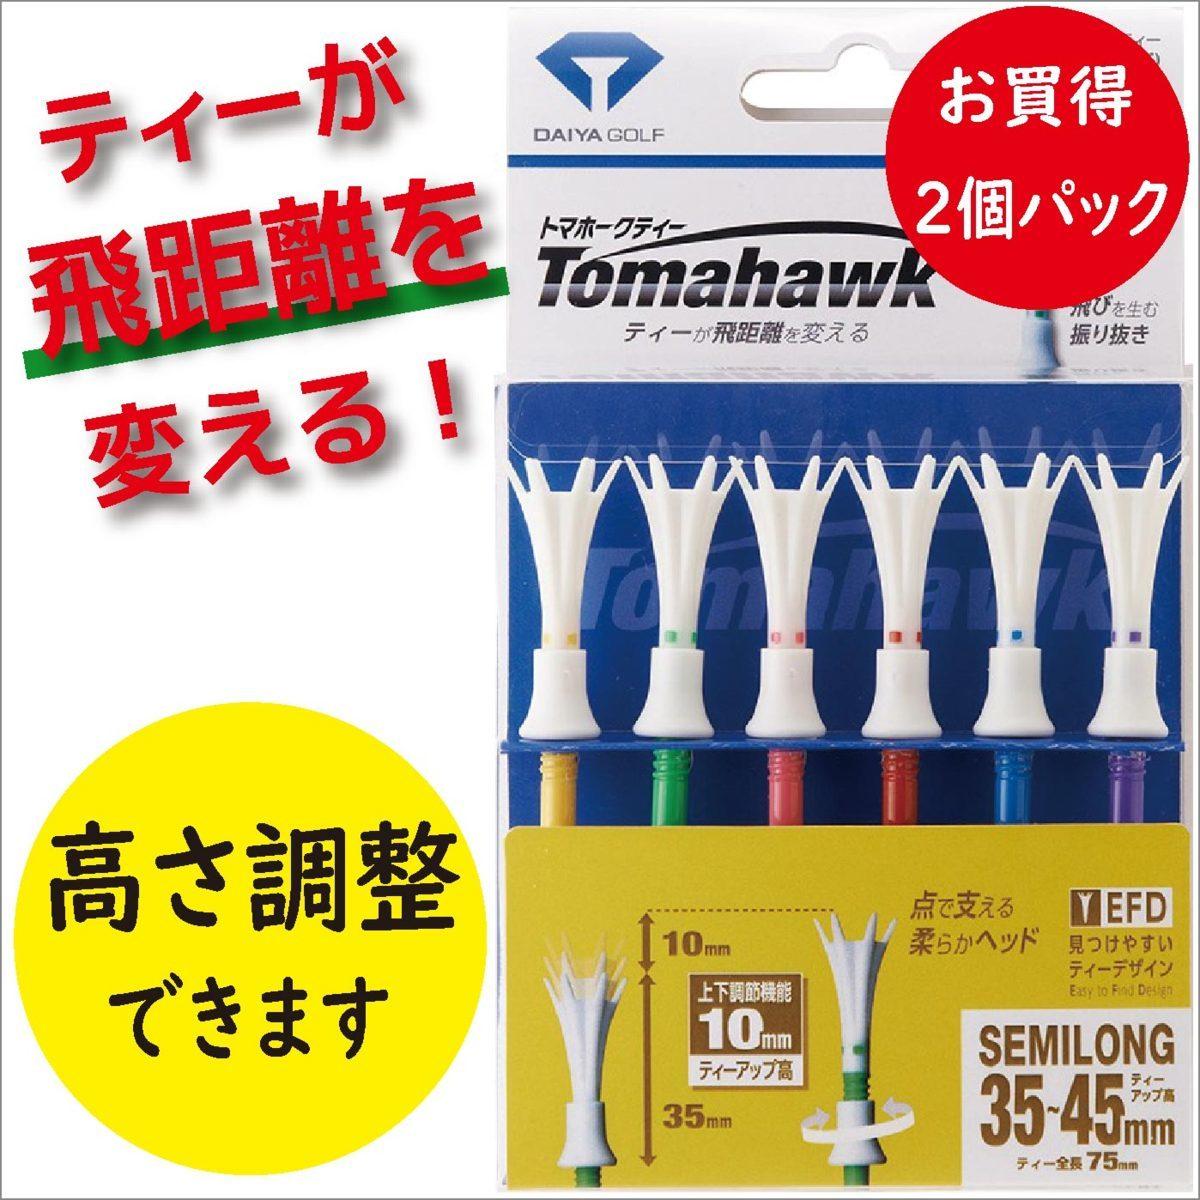 【ティーが飛距離を変える】=お買得2個パック= ダイヤ トマホークティー セミロング TE-504 高さ調整可能 機能ティー ゴルフティー 小物